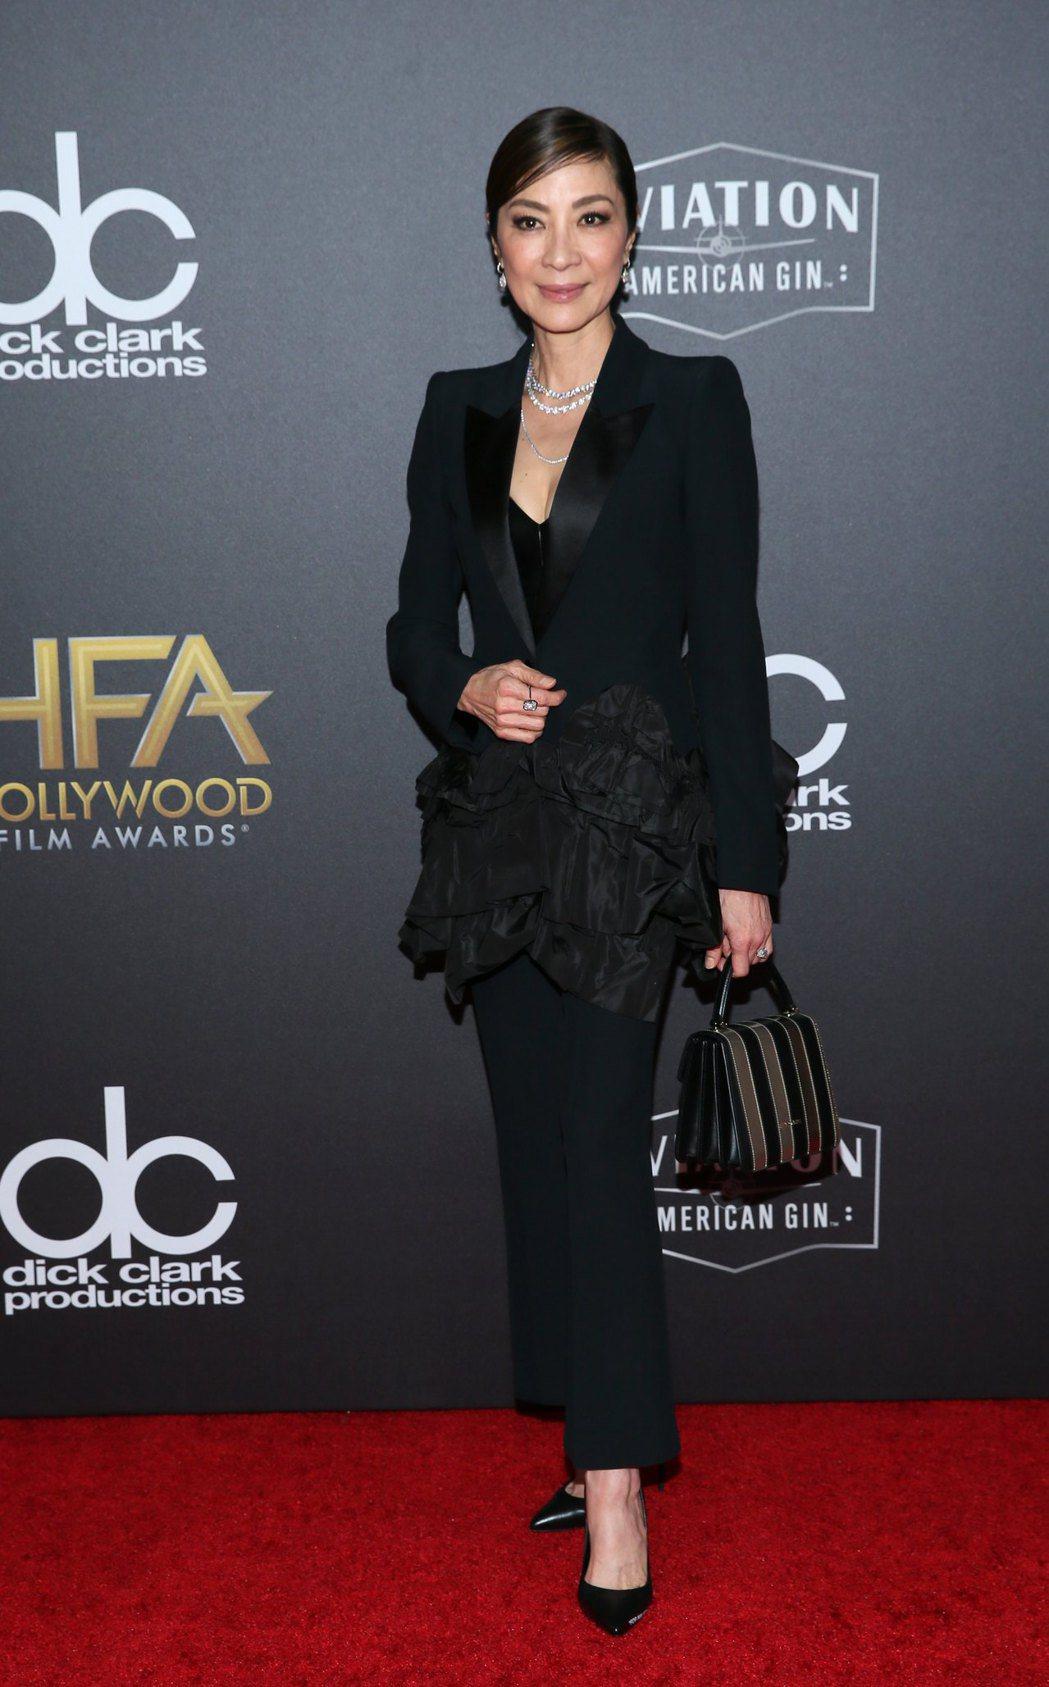 楊紫瓊在好萊塢聲勢水漲船高,被視為入圍奧斯卡女配角熱門人選。圖/歐新社資料照片